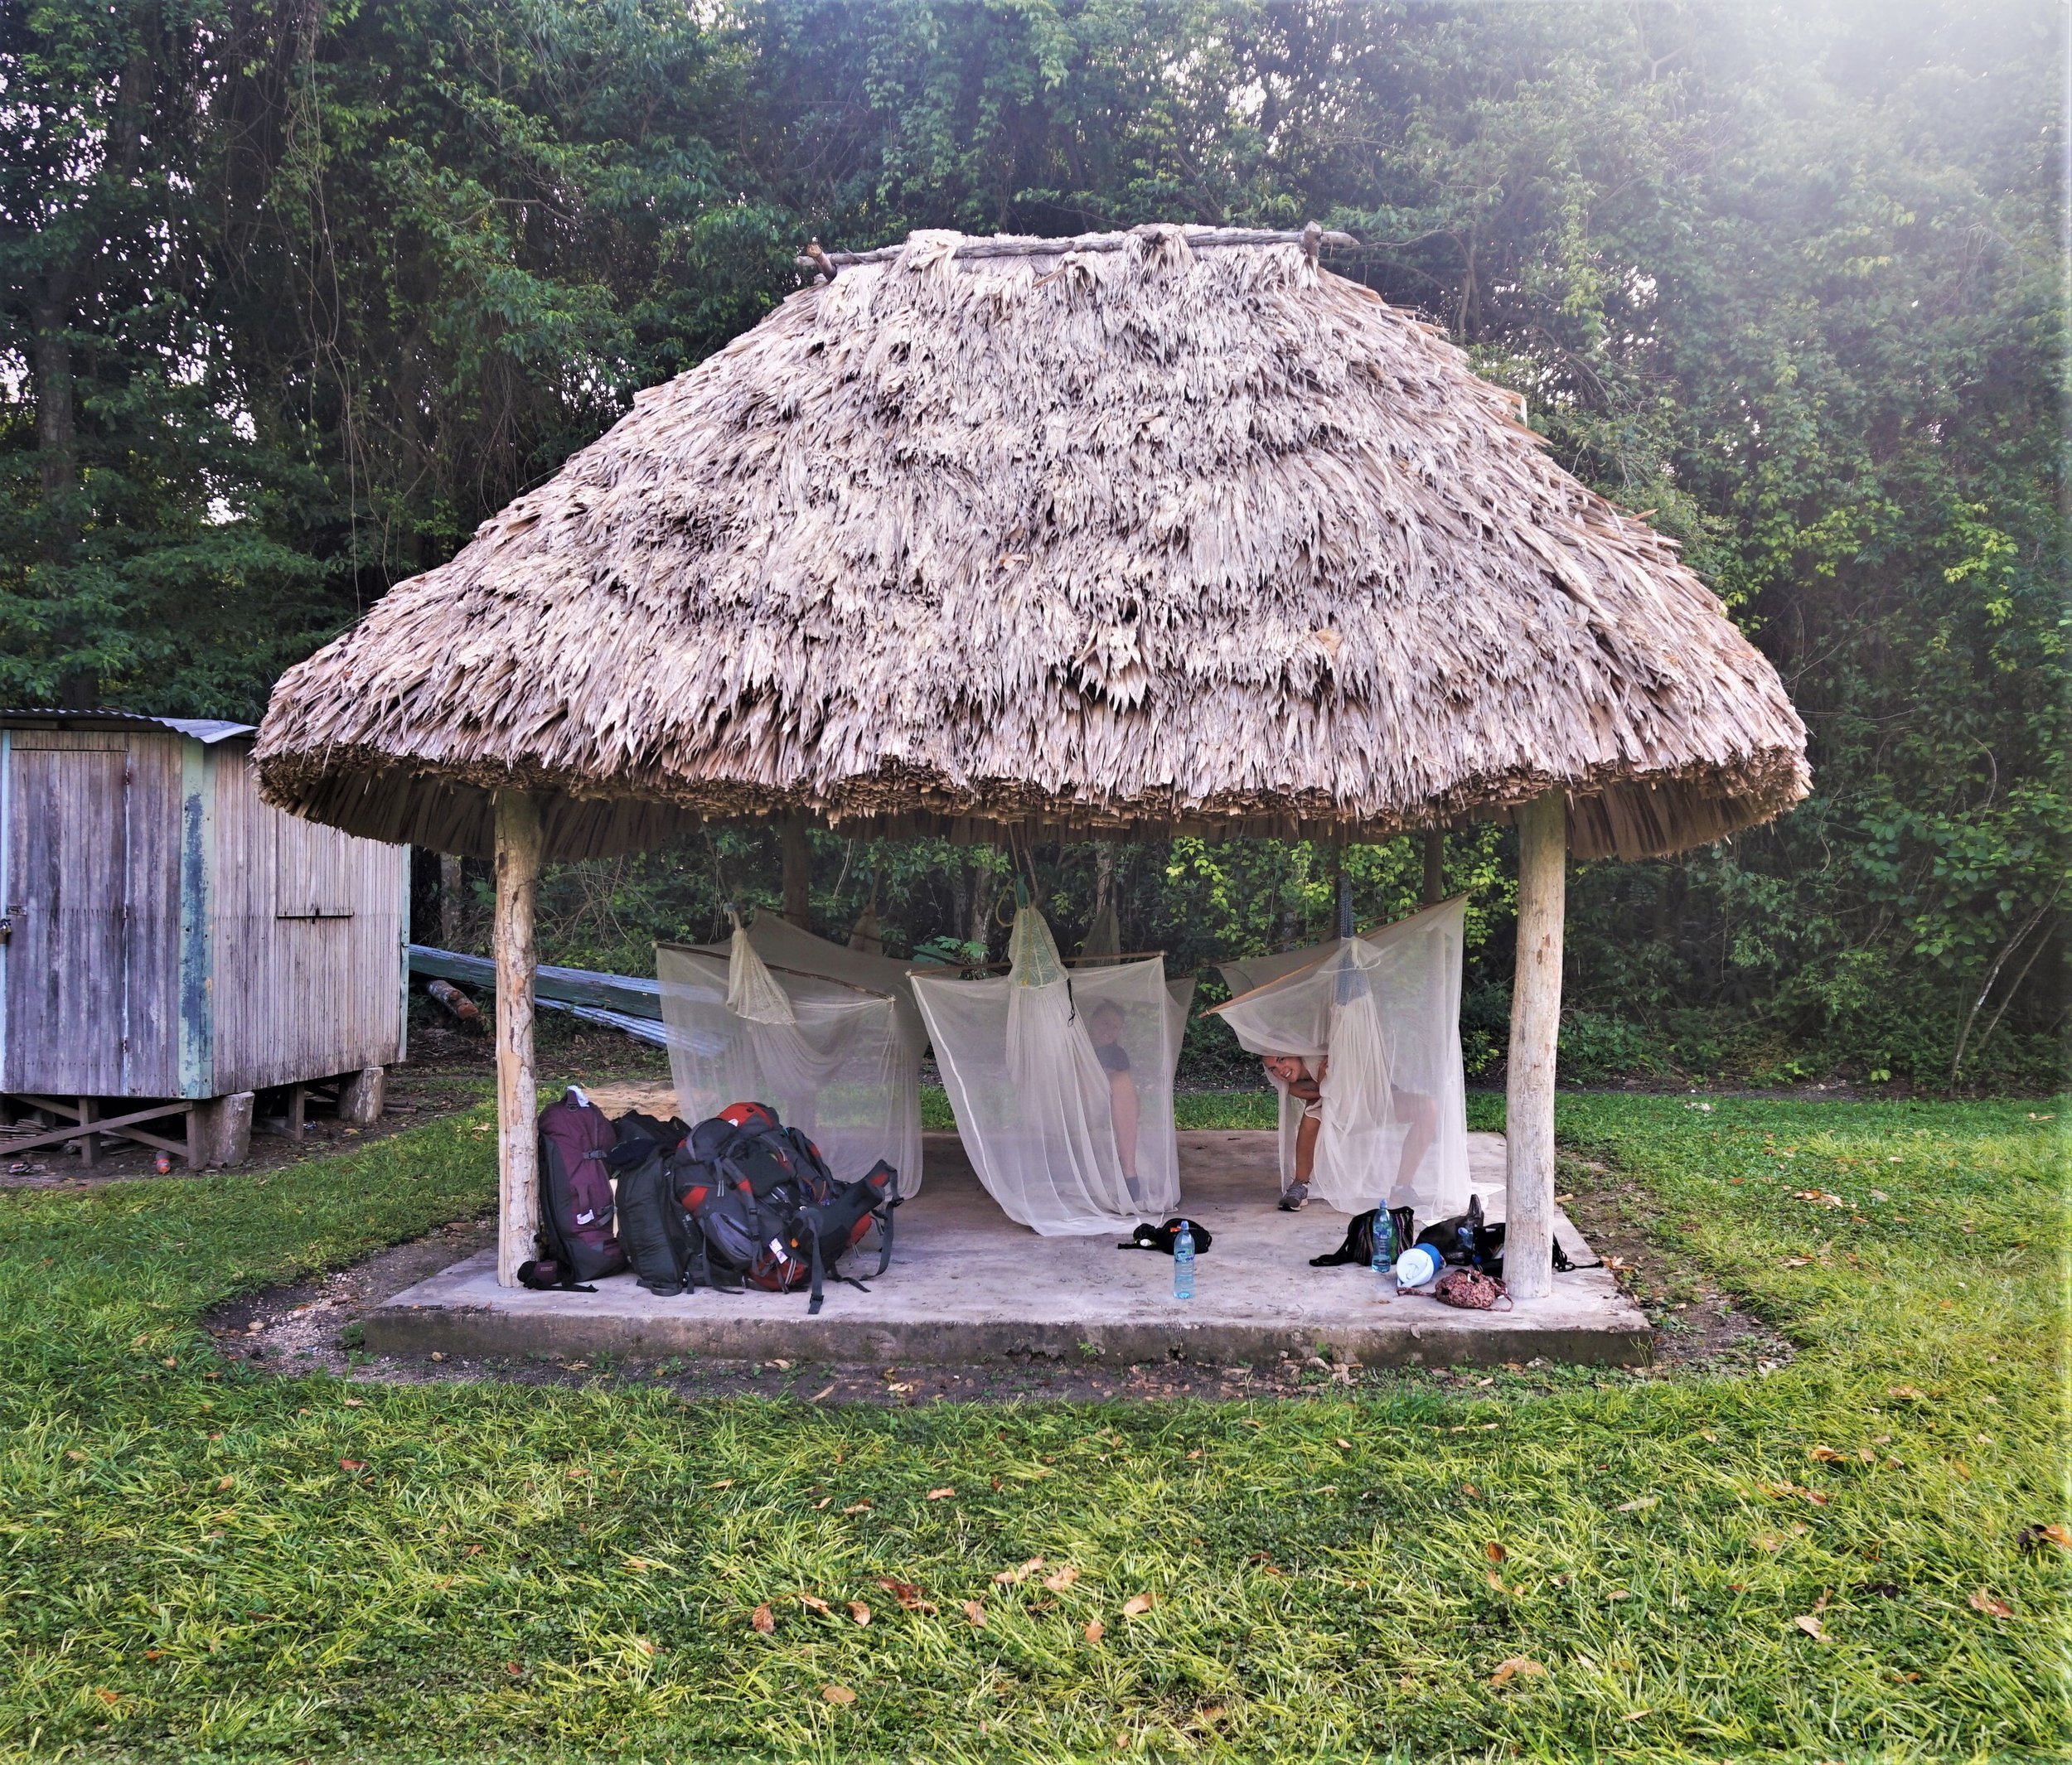 Hammocks camping at the Tikal ruins guatemala